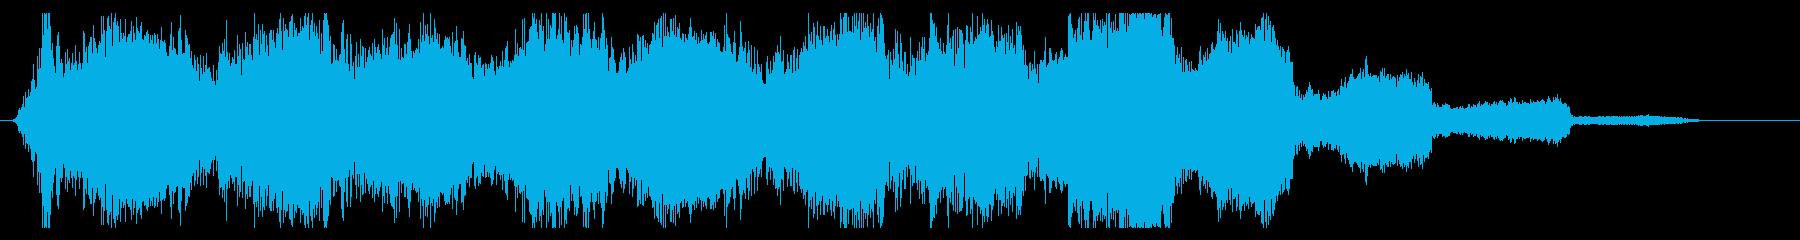 ベル系ミステリアス、幻想的、不気味 02の再生済みの波形